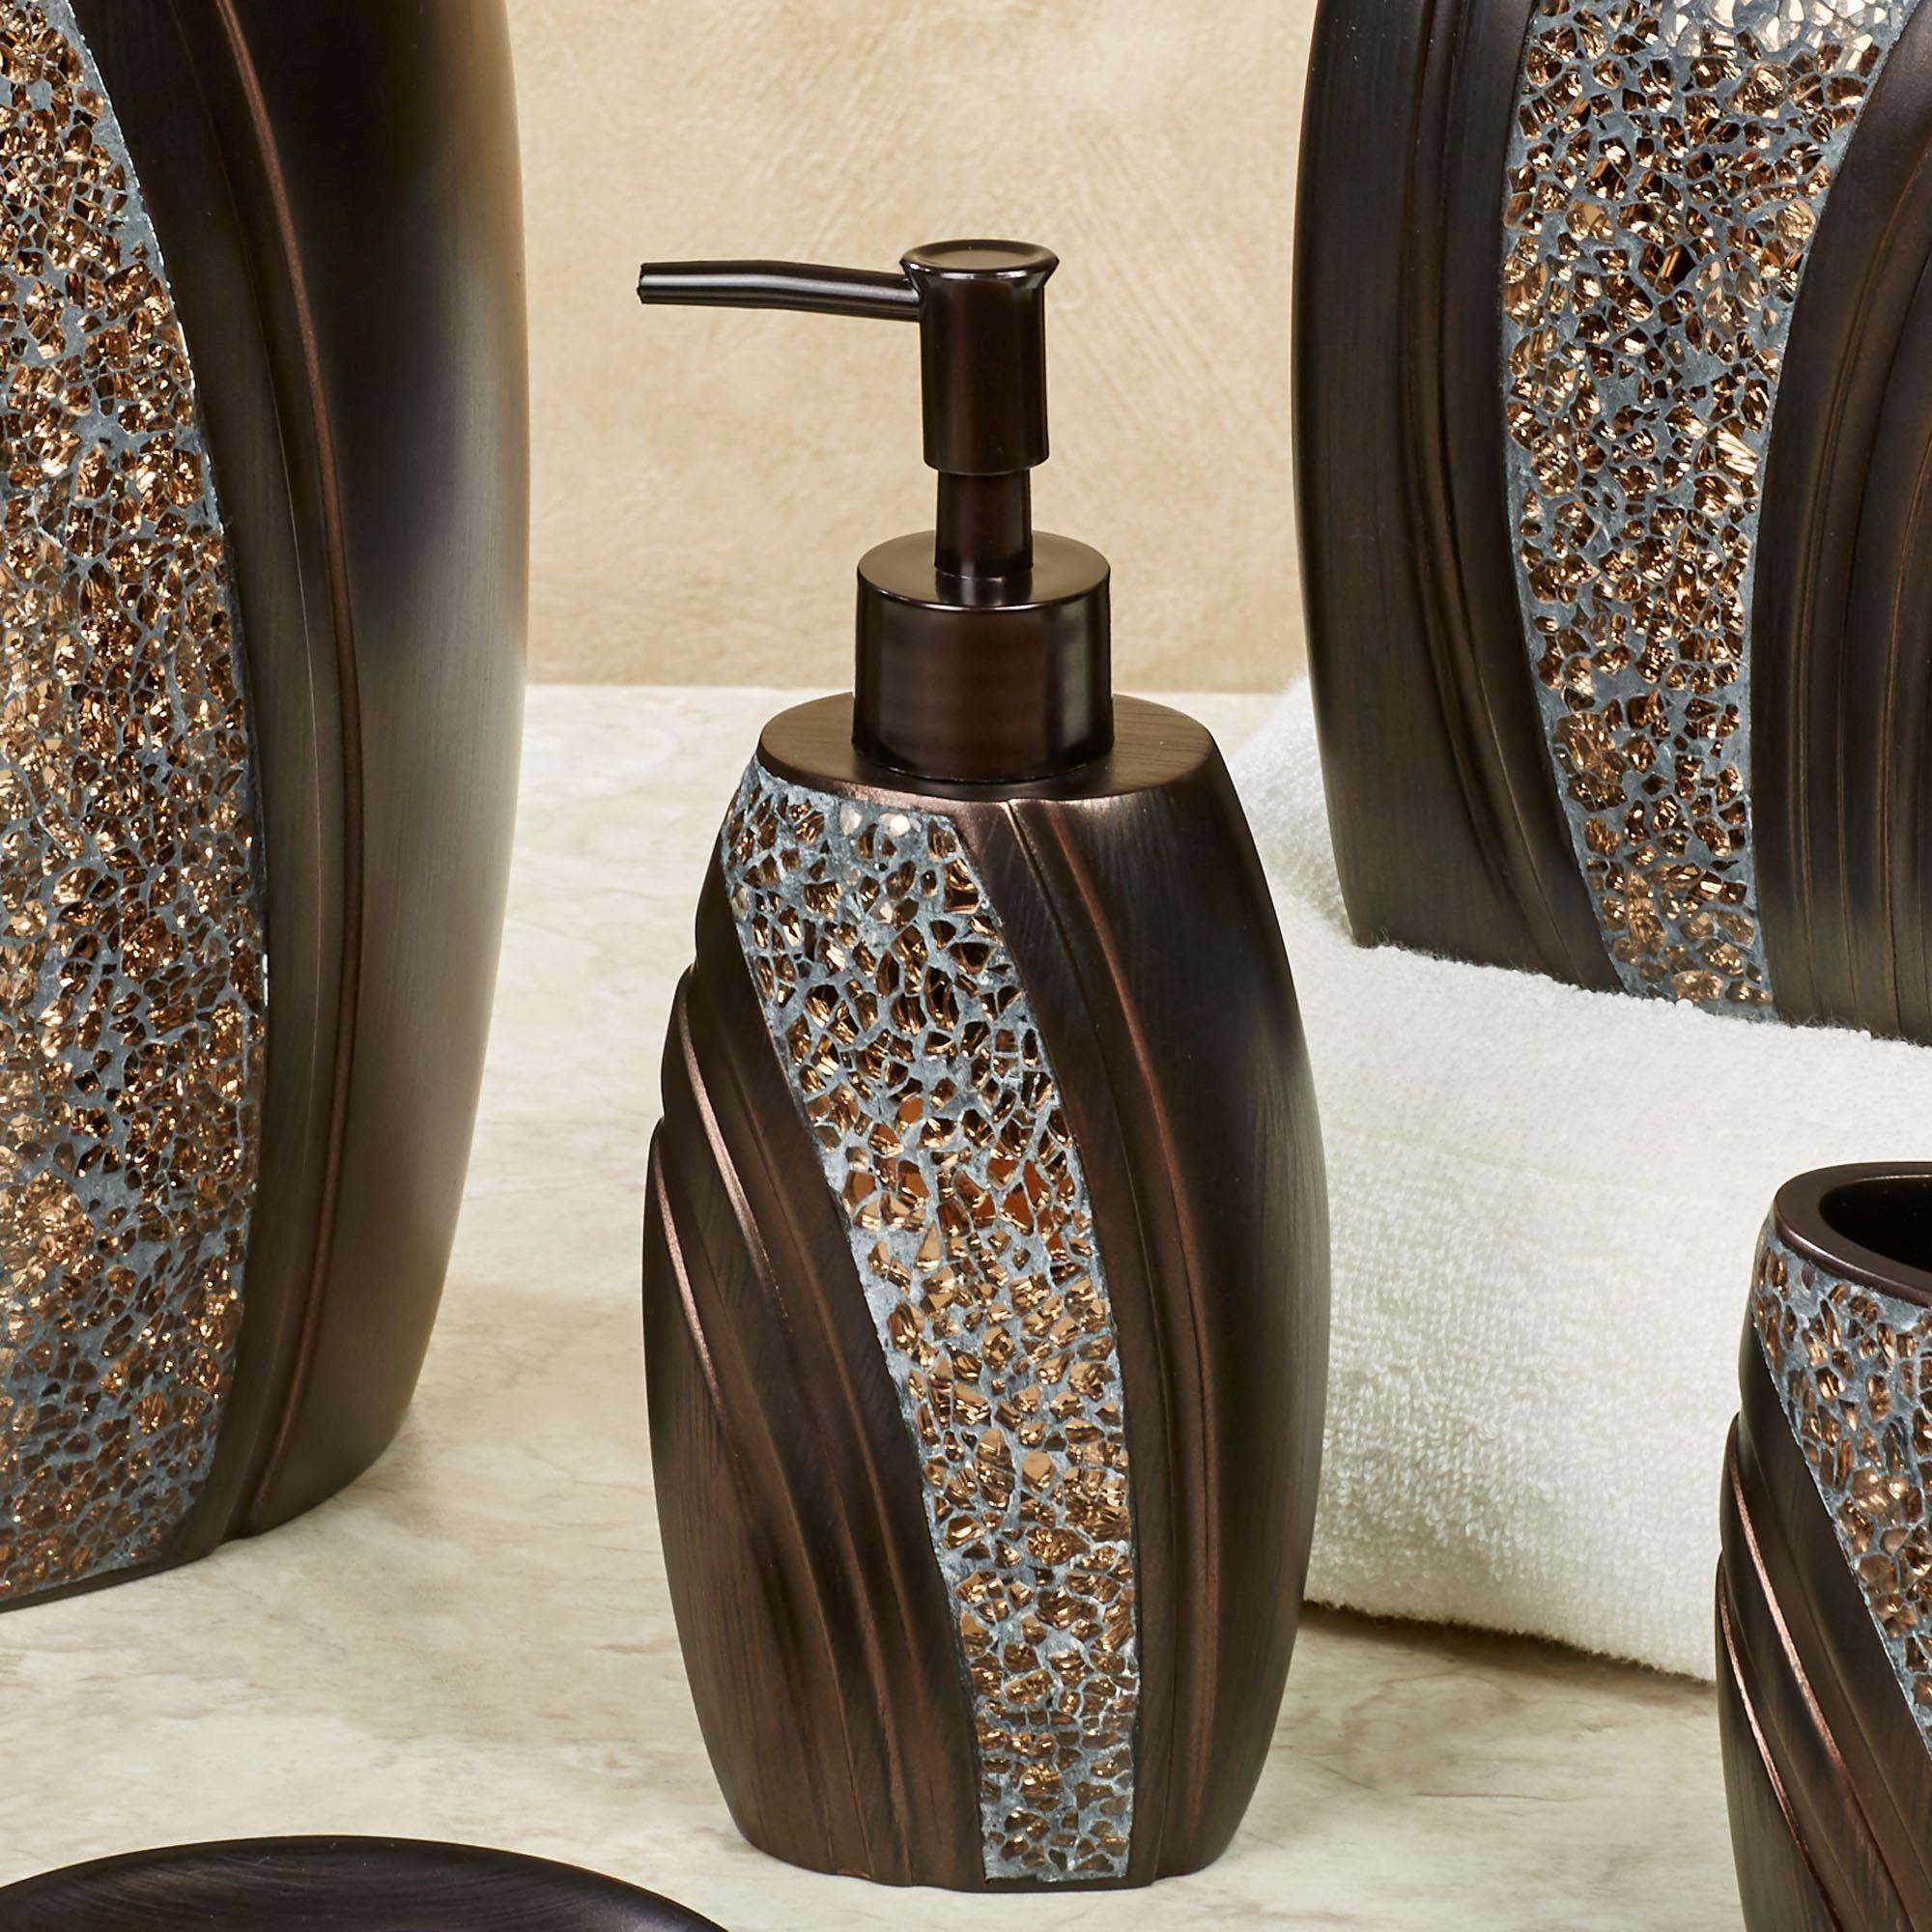 Grandeur Mosaic Bronze Bath Accessories Mosaic Bathroom Accessories Glass Mosaic Bathroom Soap Dispenser